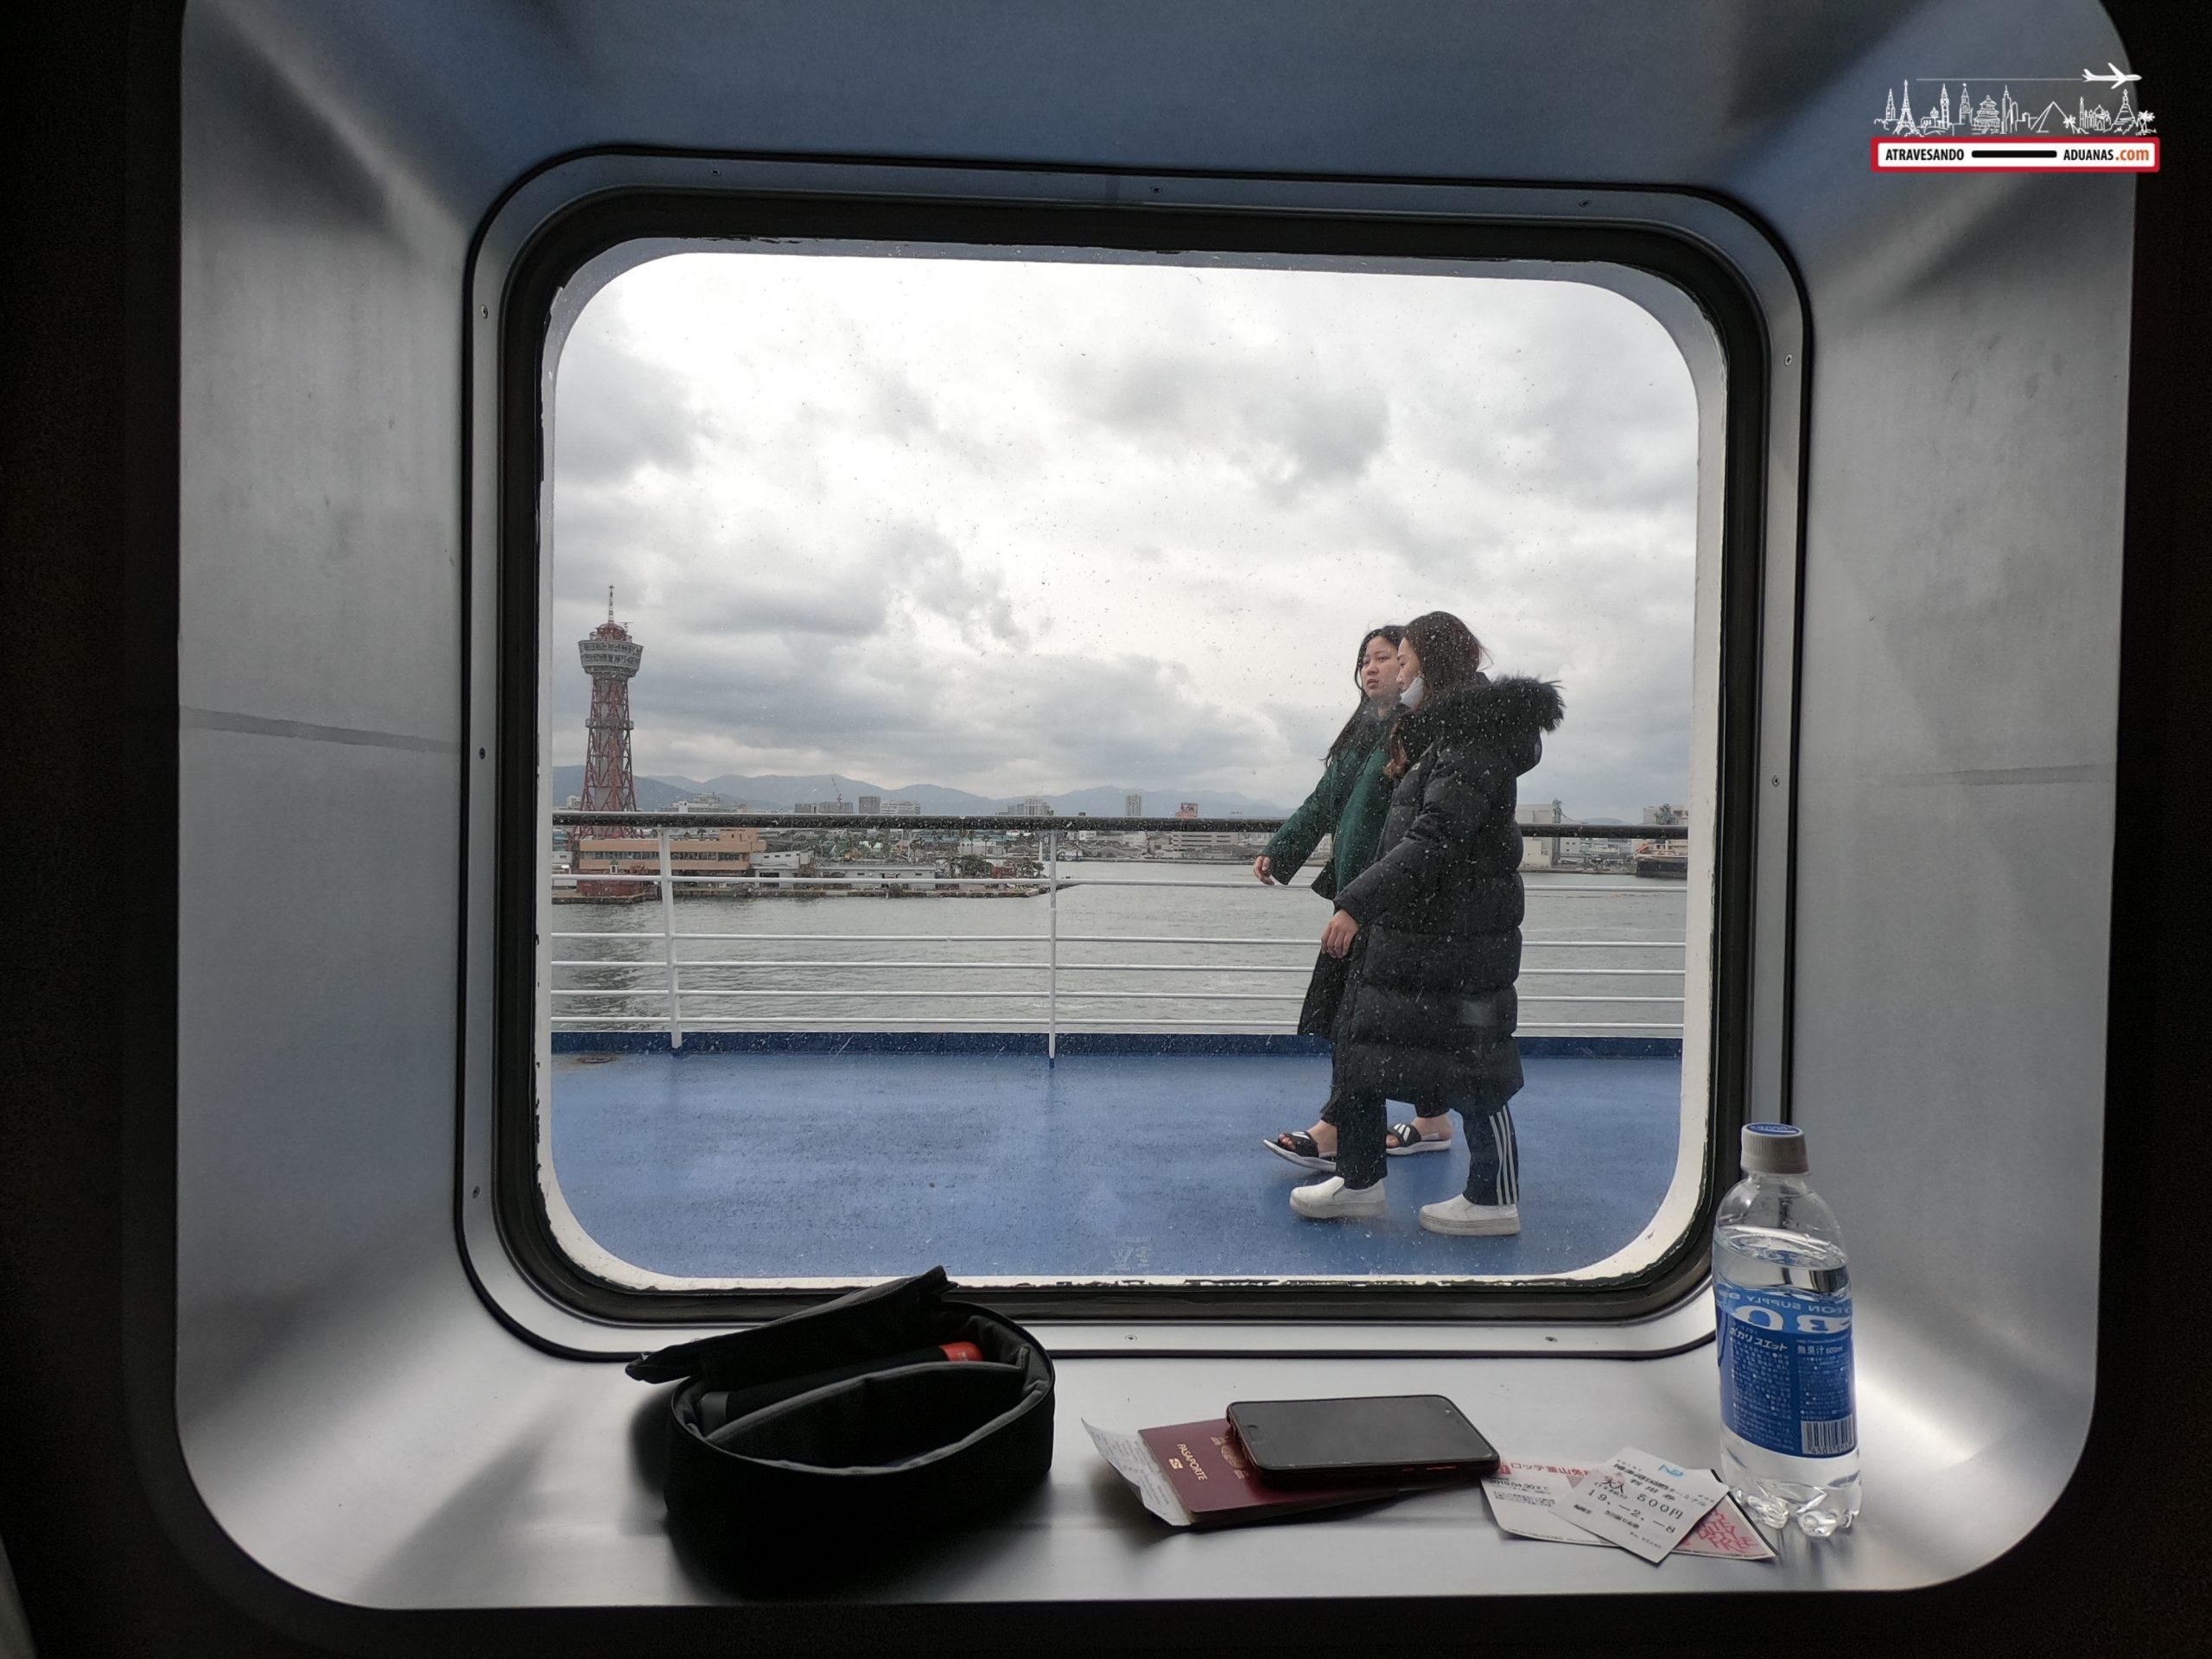 Puerto de Hakata